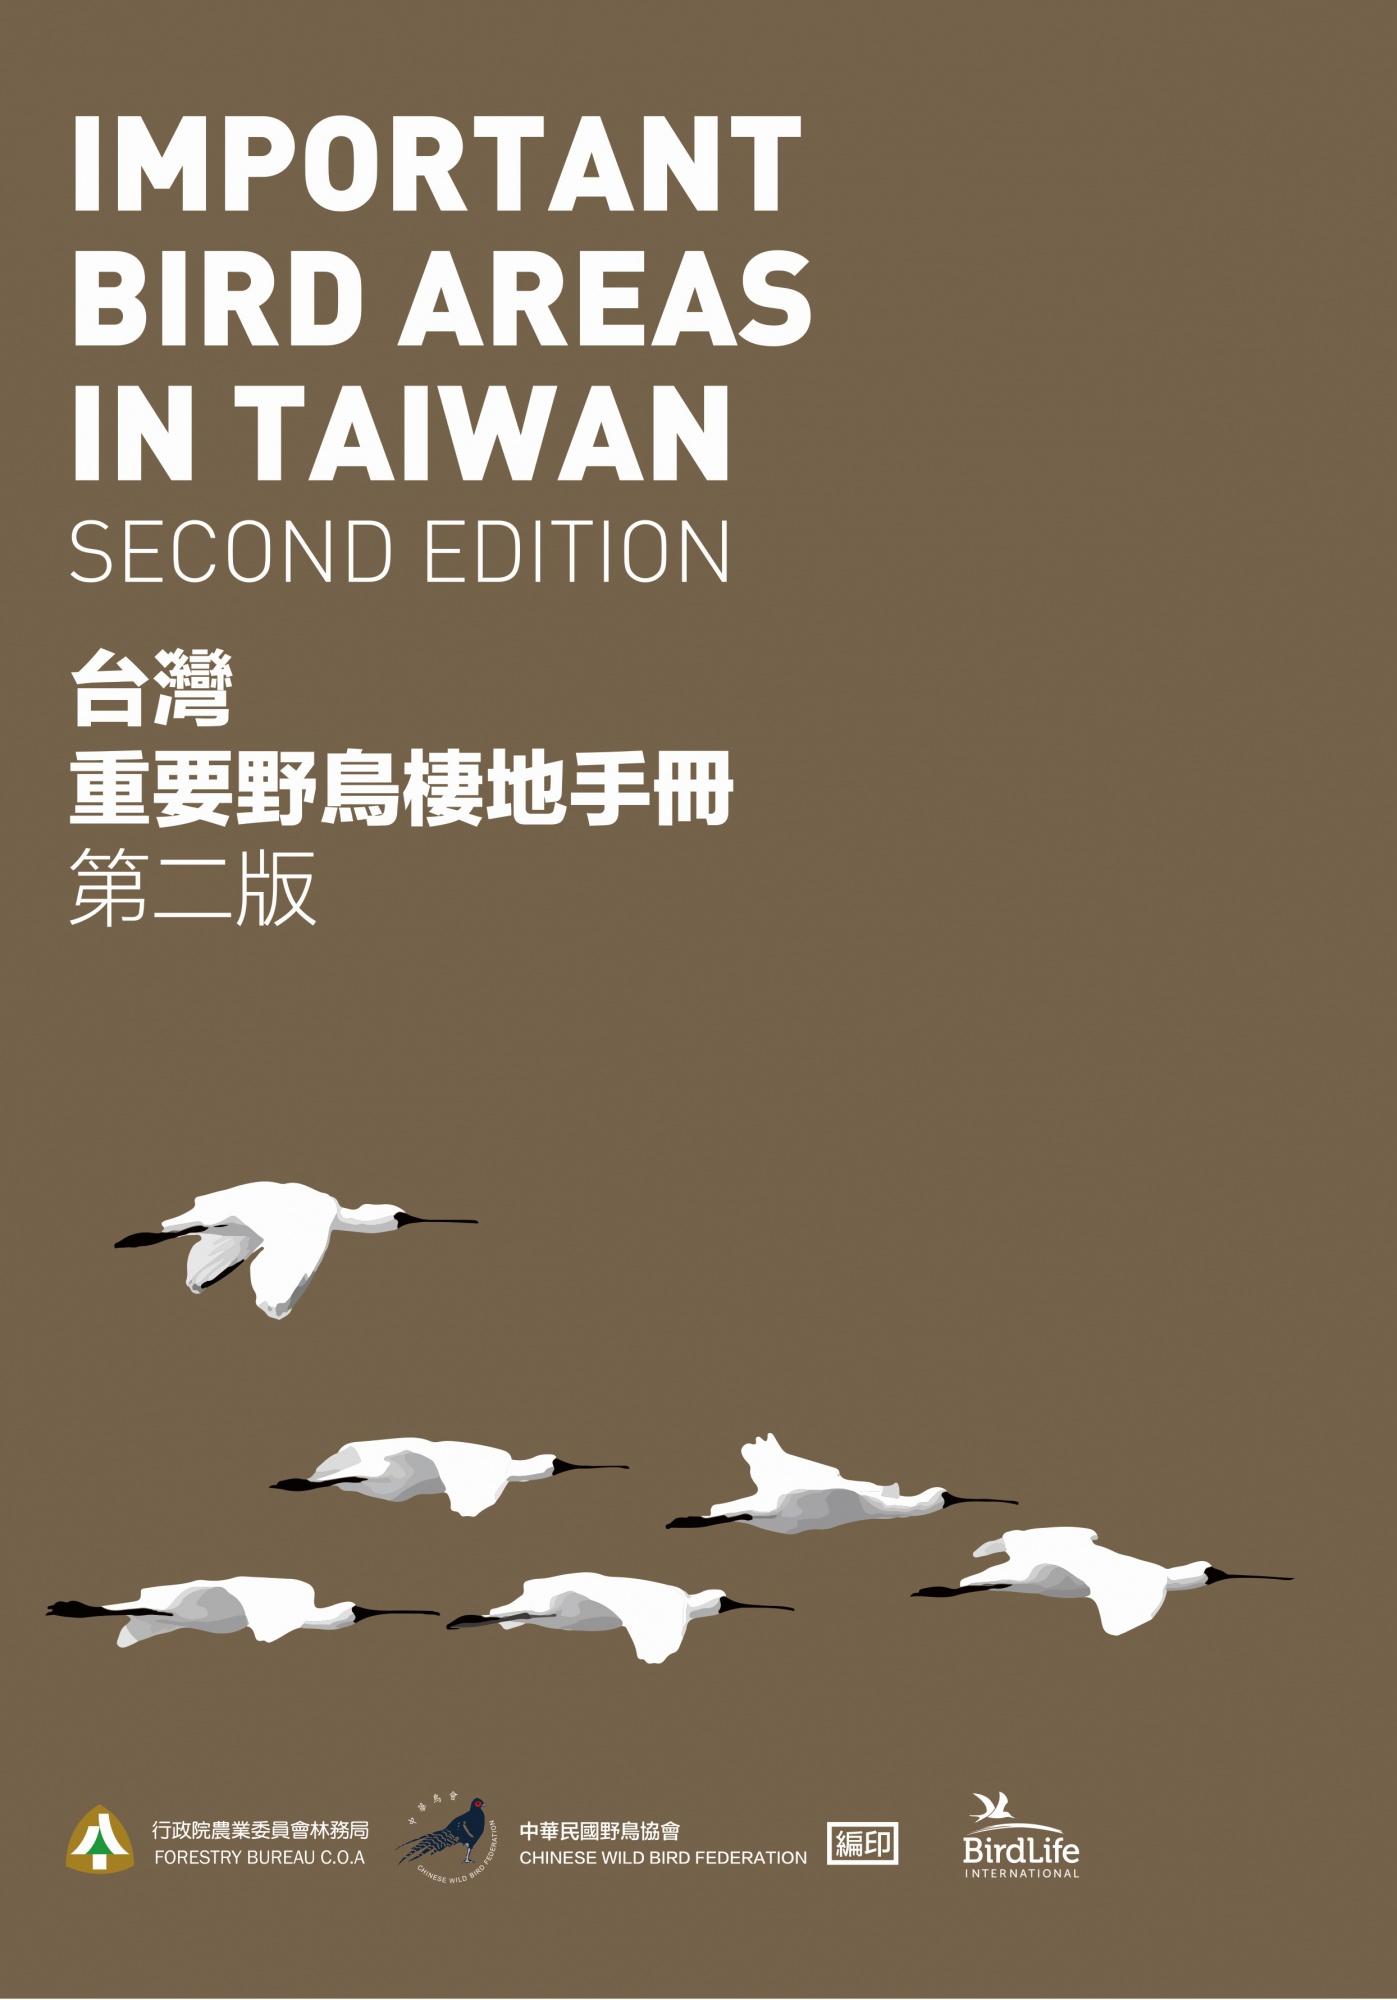 台灣重要野鳥棲地手冊第二版(中文)